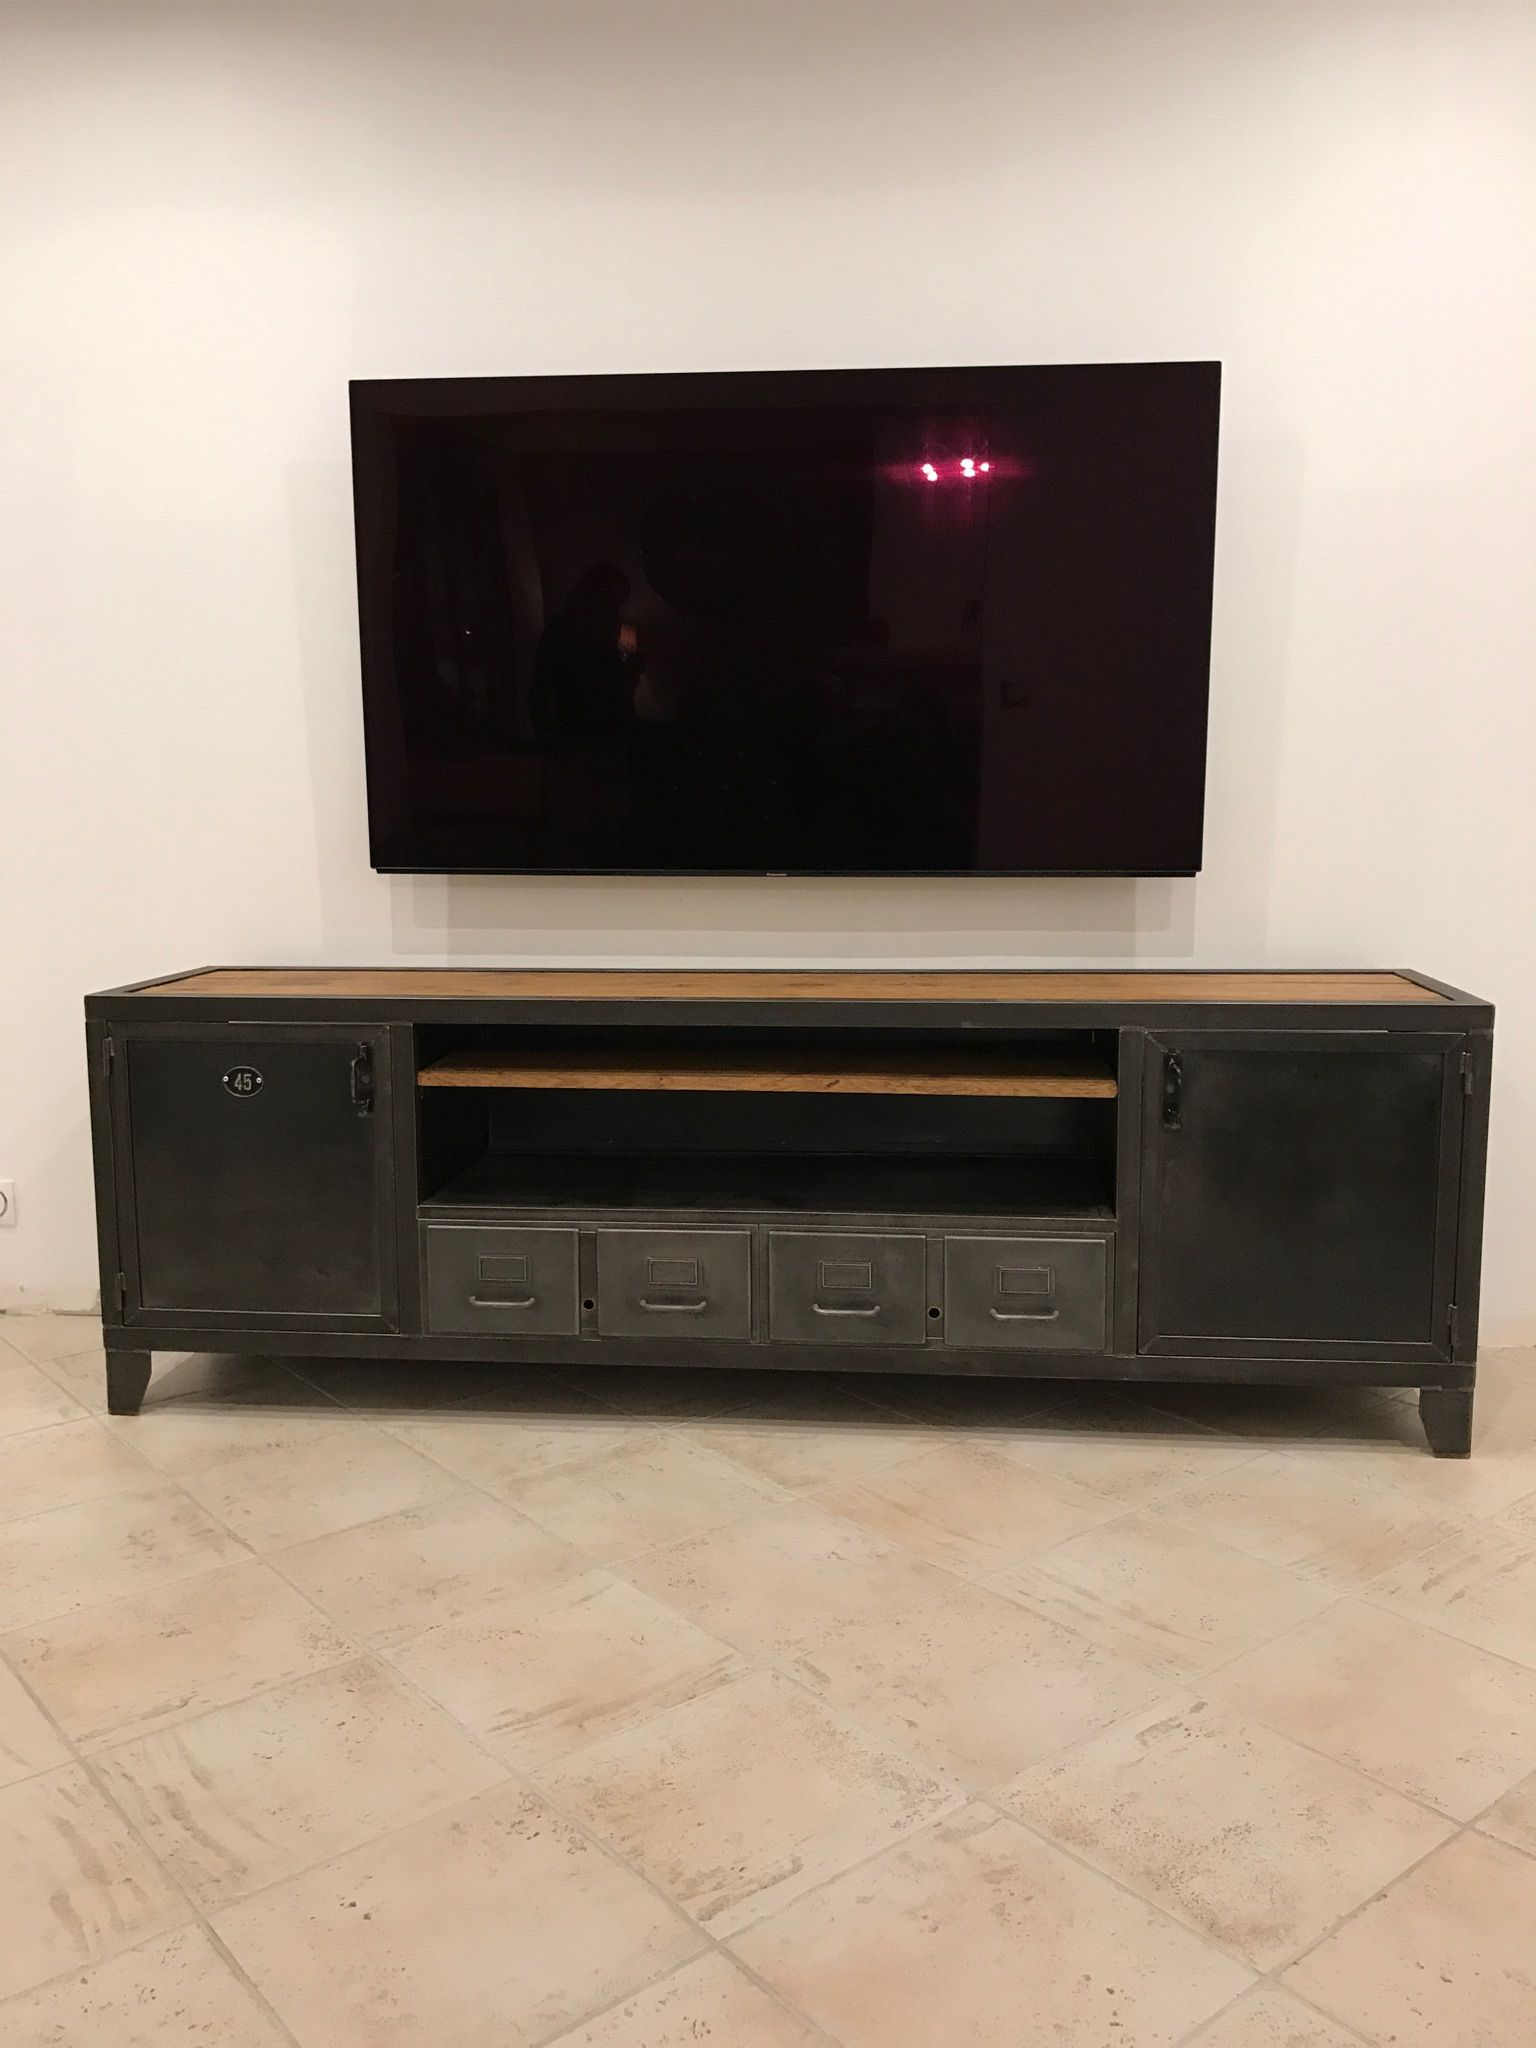 Meuble Banc Tv Industriel Usine Atelier L Or Du Temps Ldt Meuble Tv Meuble Tv Industriel Meuble De Television